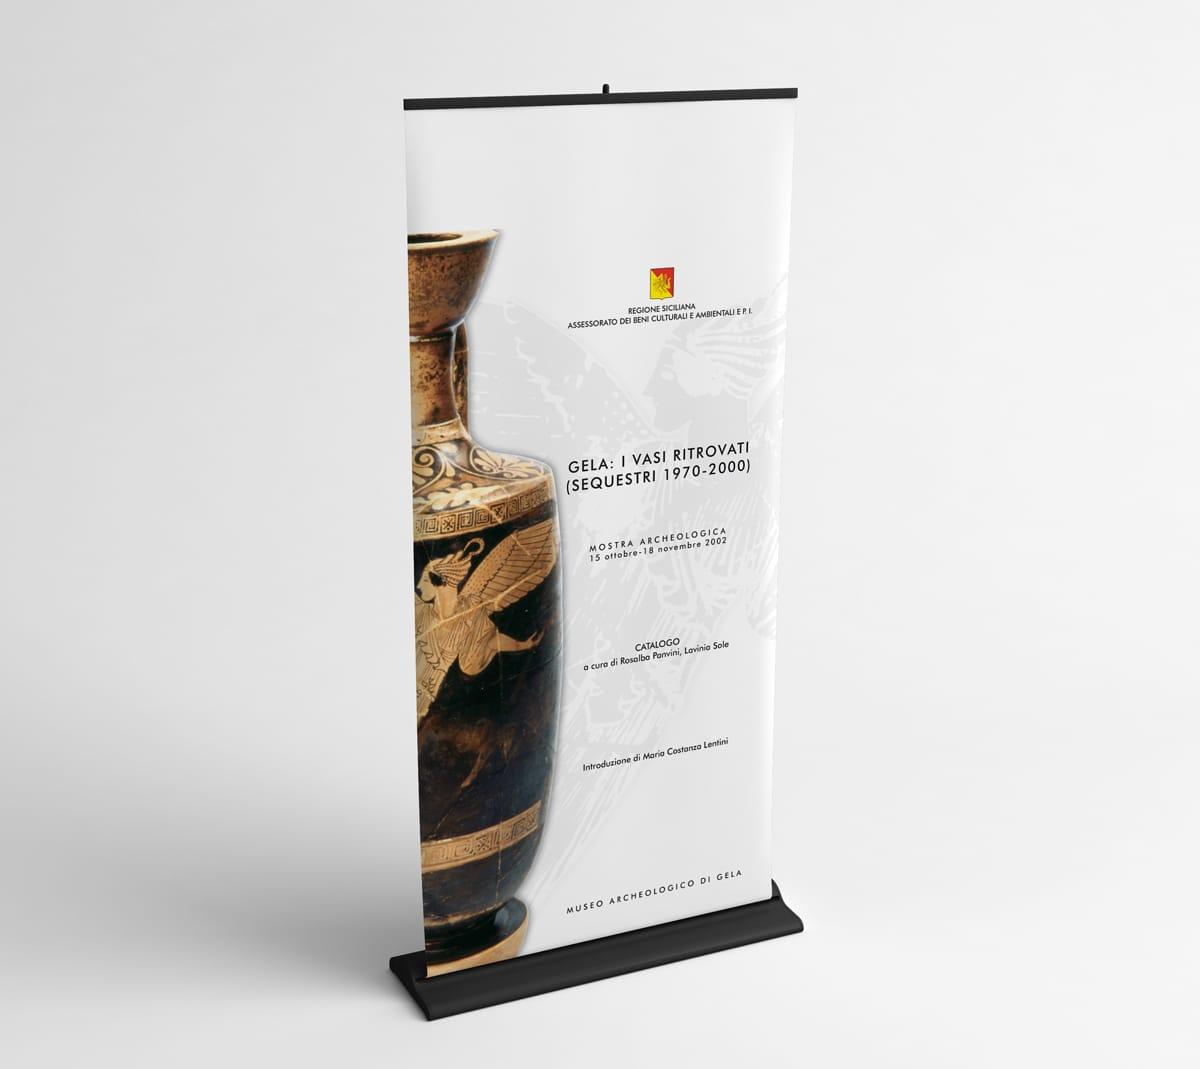 vasi ritrovati mostra gela - vincenzo di dio